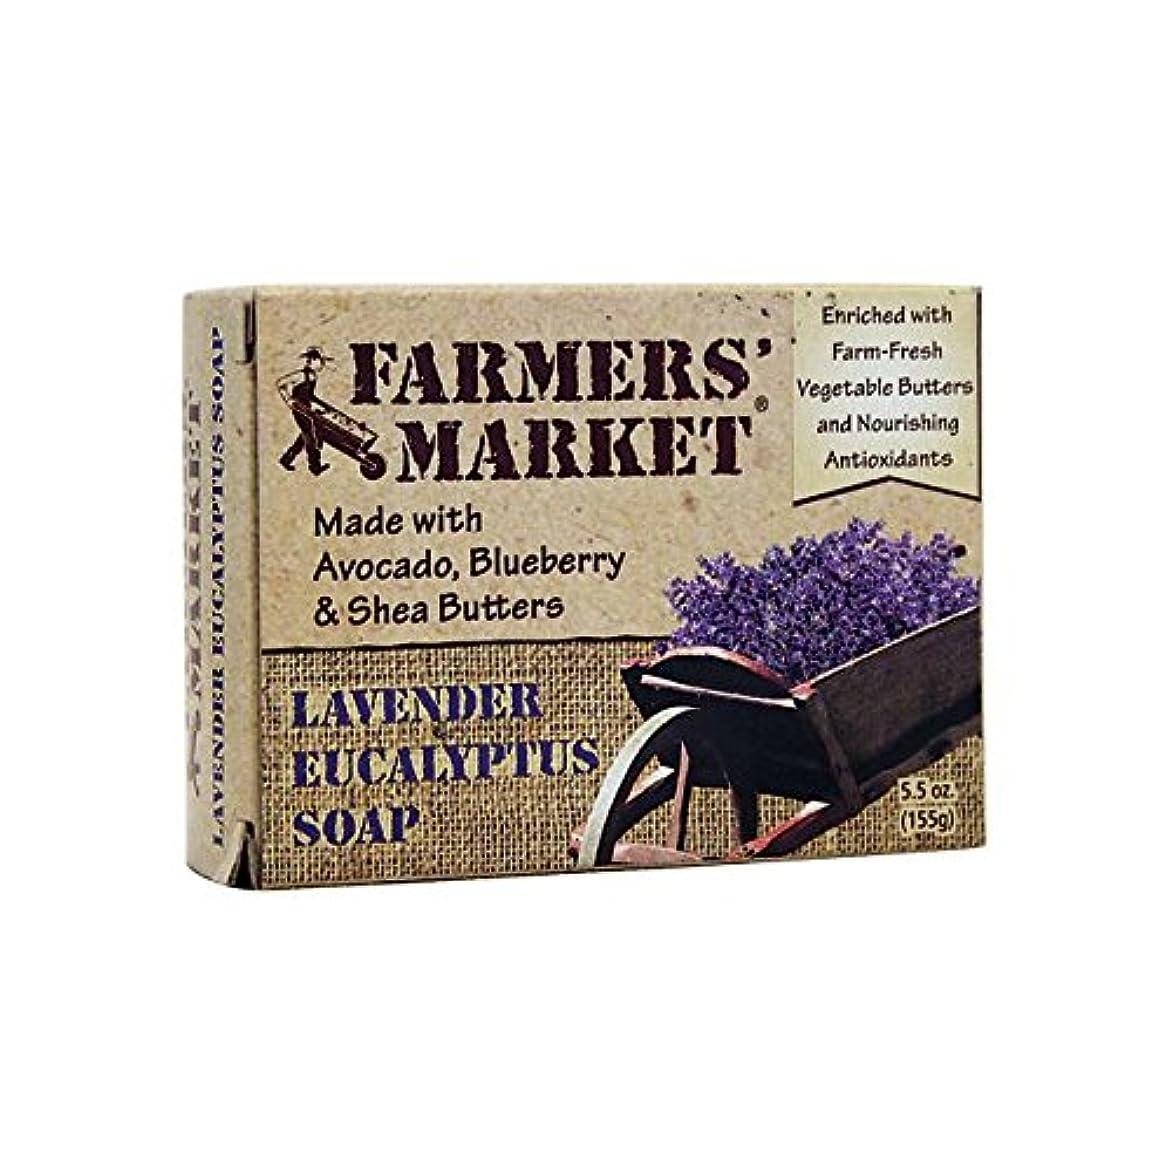 信頼蒸し器株式会社Farmers' Market Soaps, Lavender Eucalyptus Soap, 5.5 oz (155 g) (Discontinued Item)